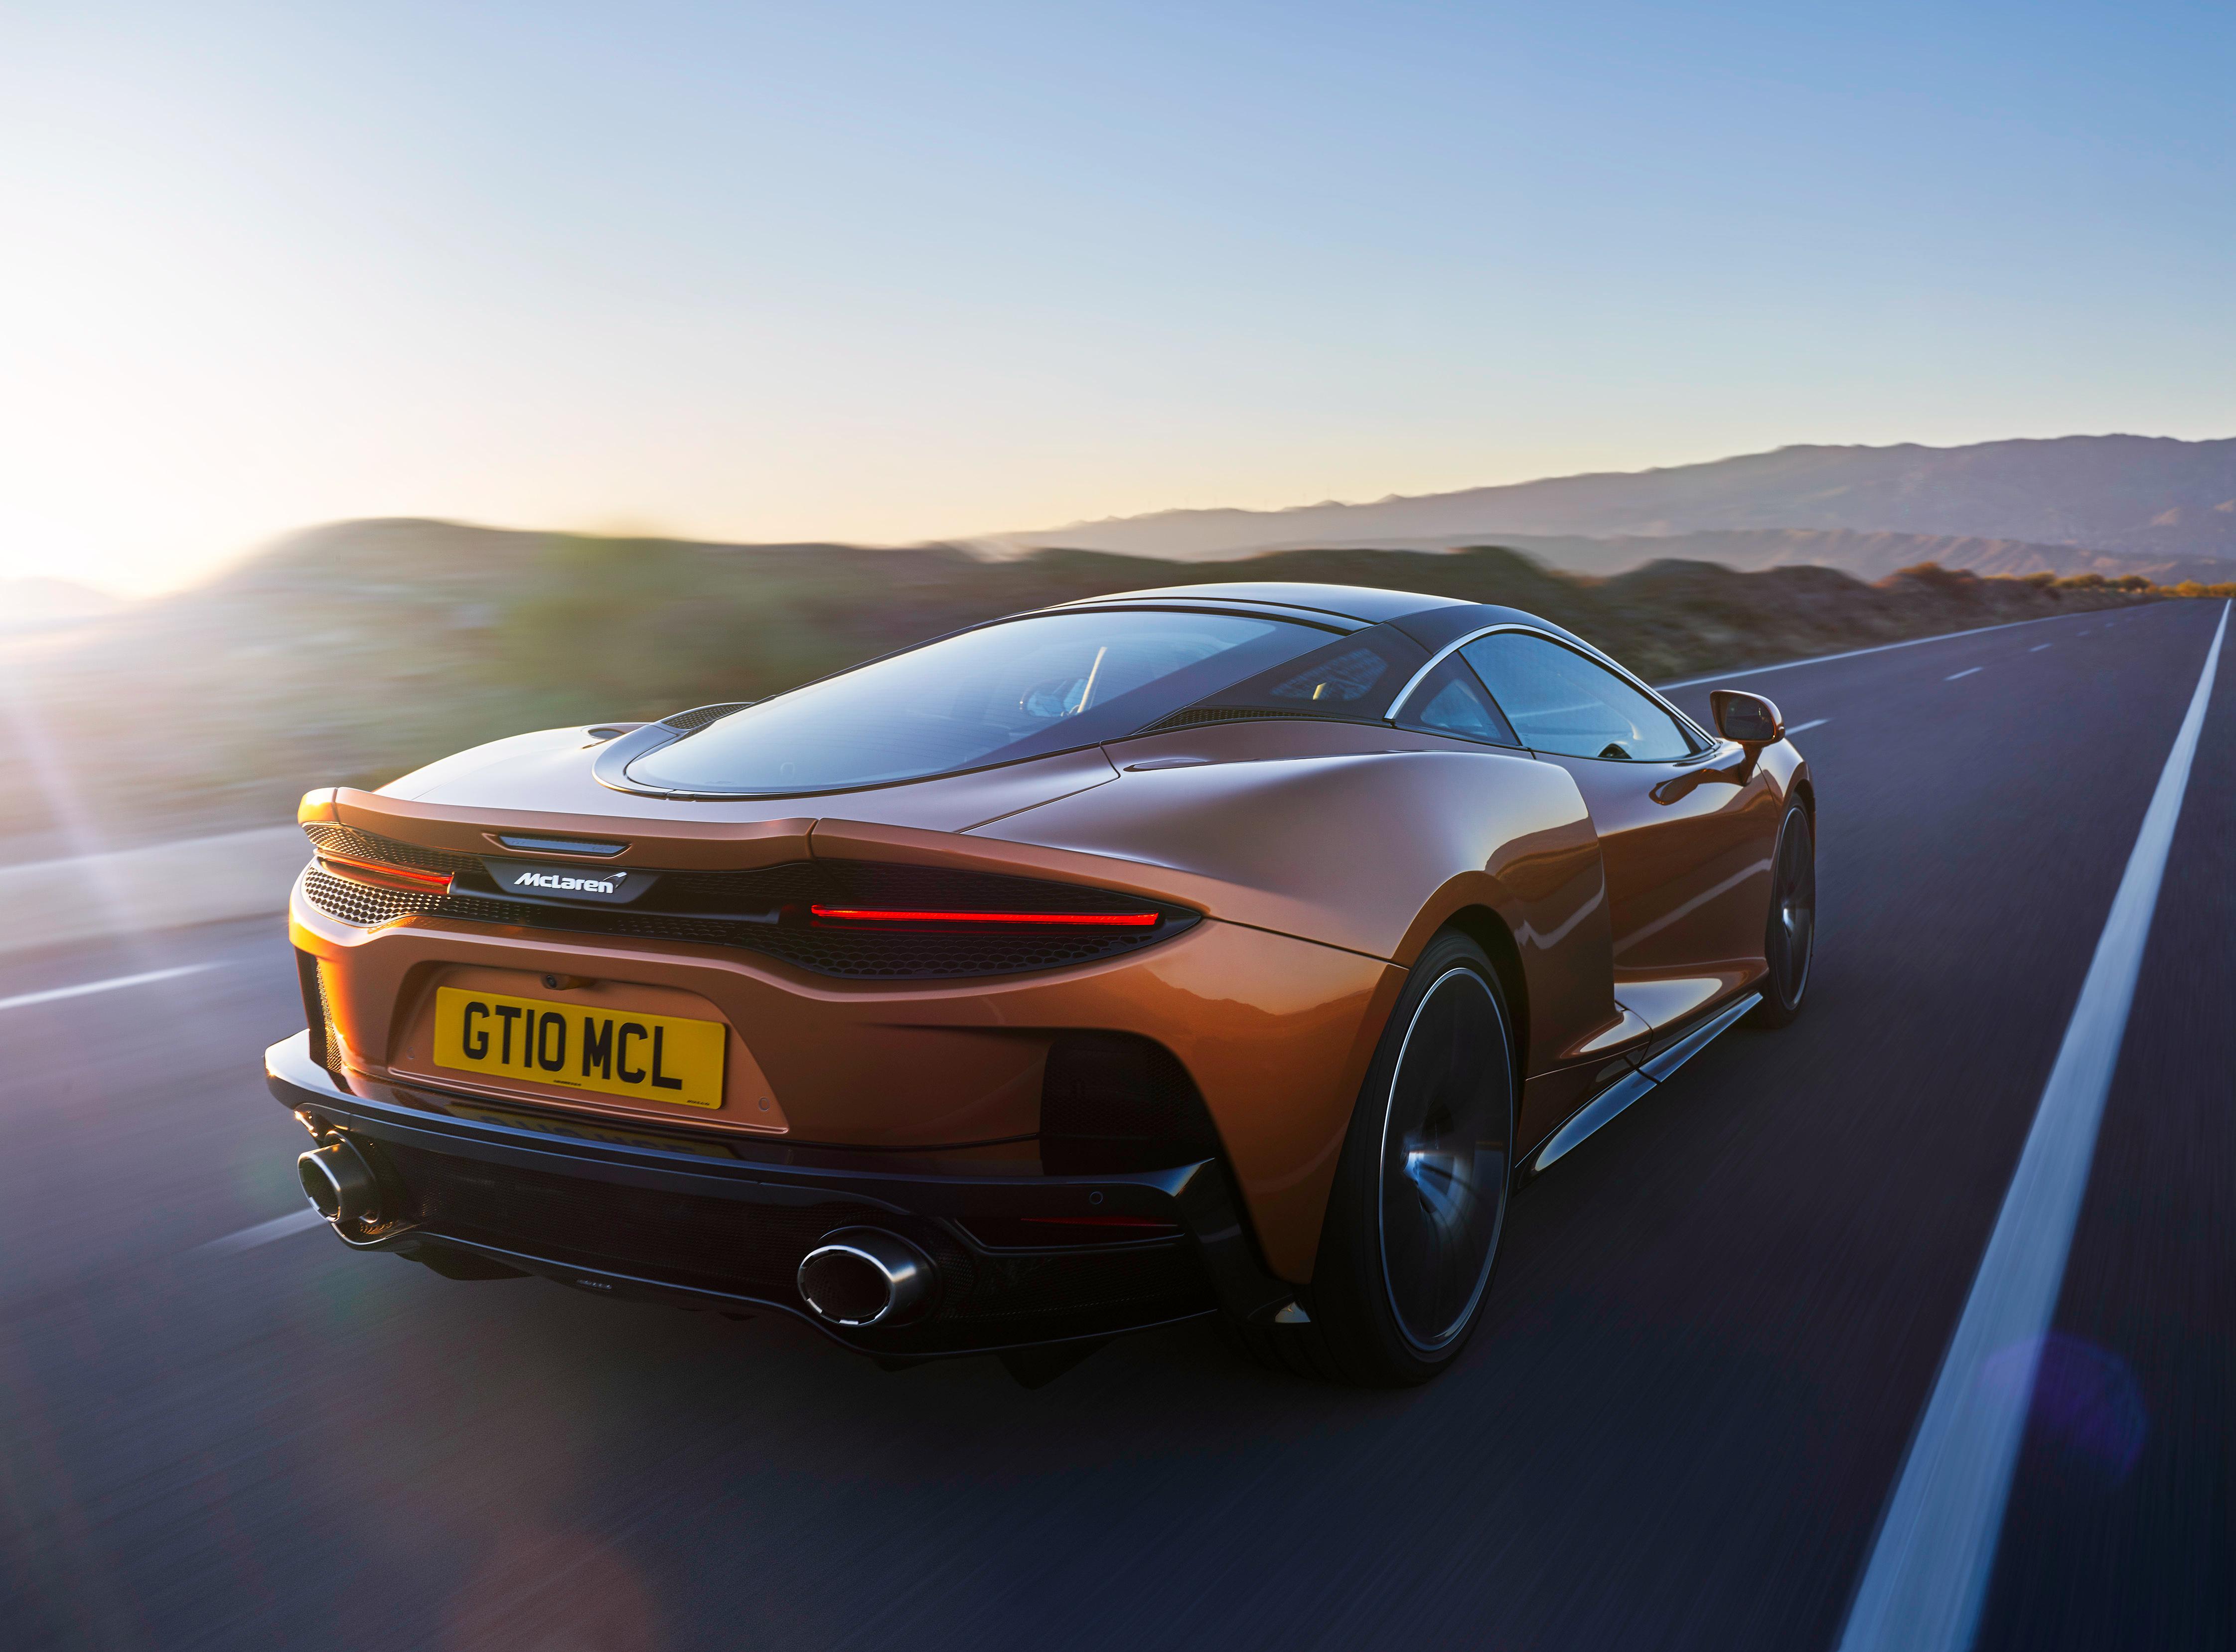 Mclaren Gt 2019 4k, HD Cars, 4k Wallpapers, Images ...